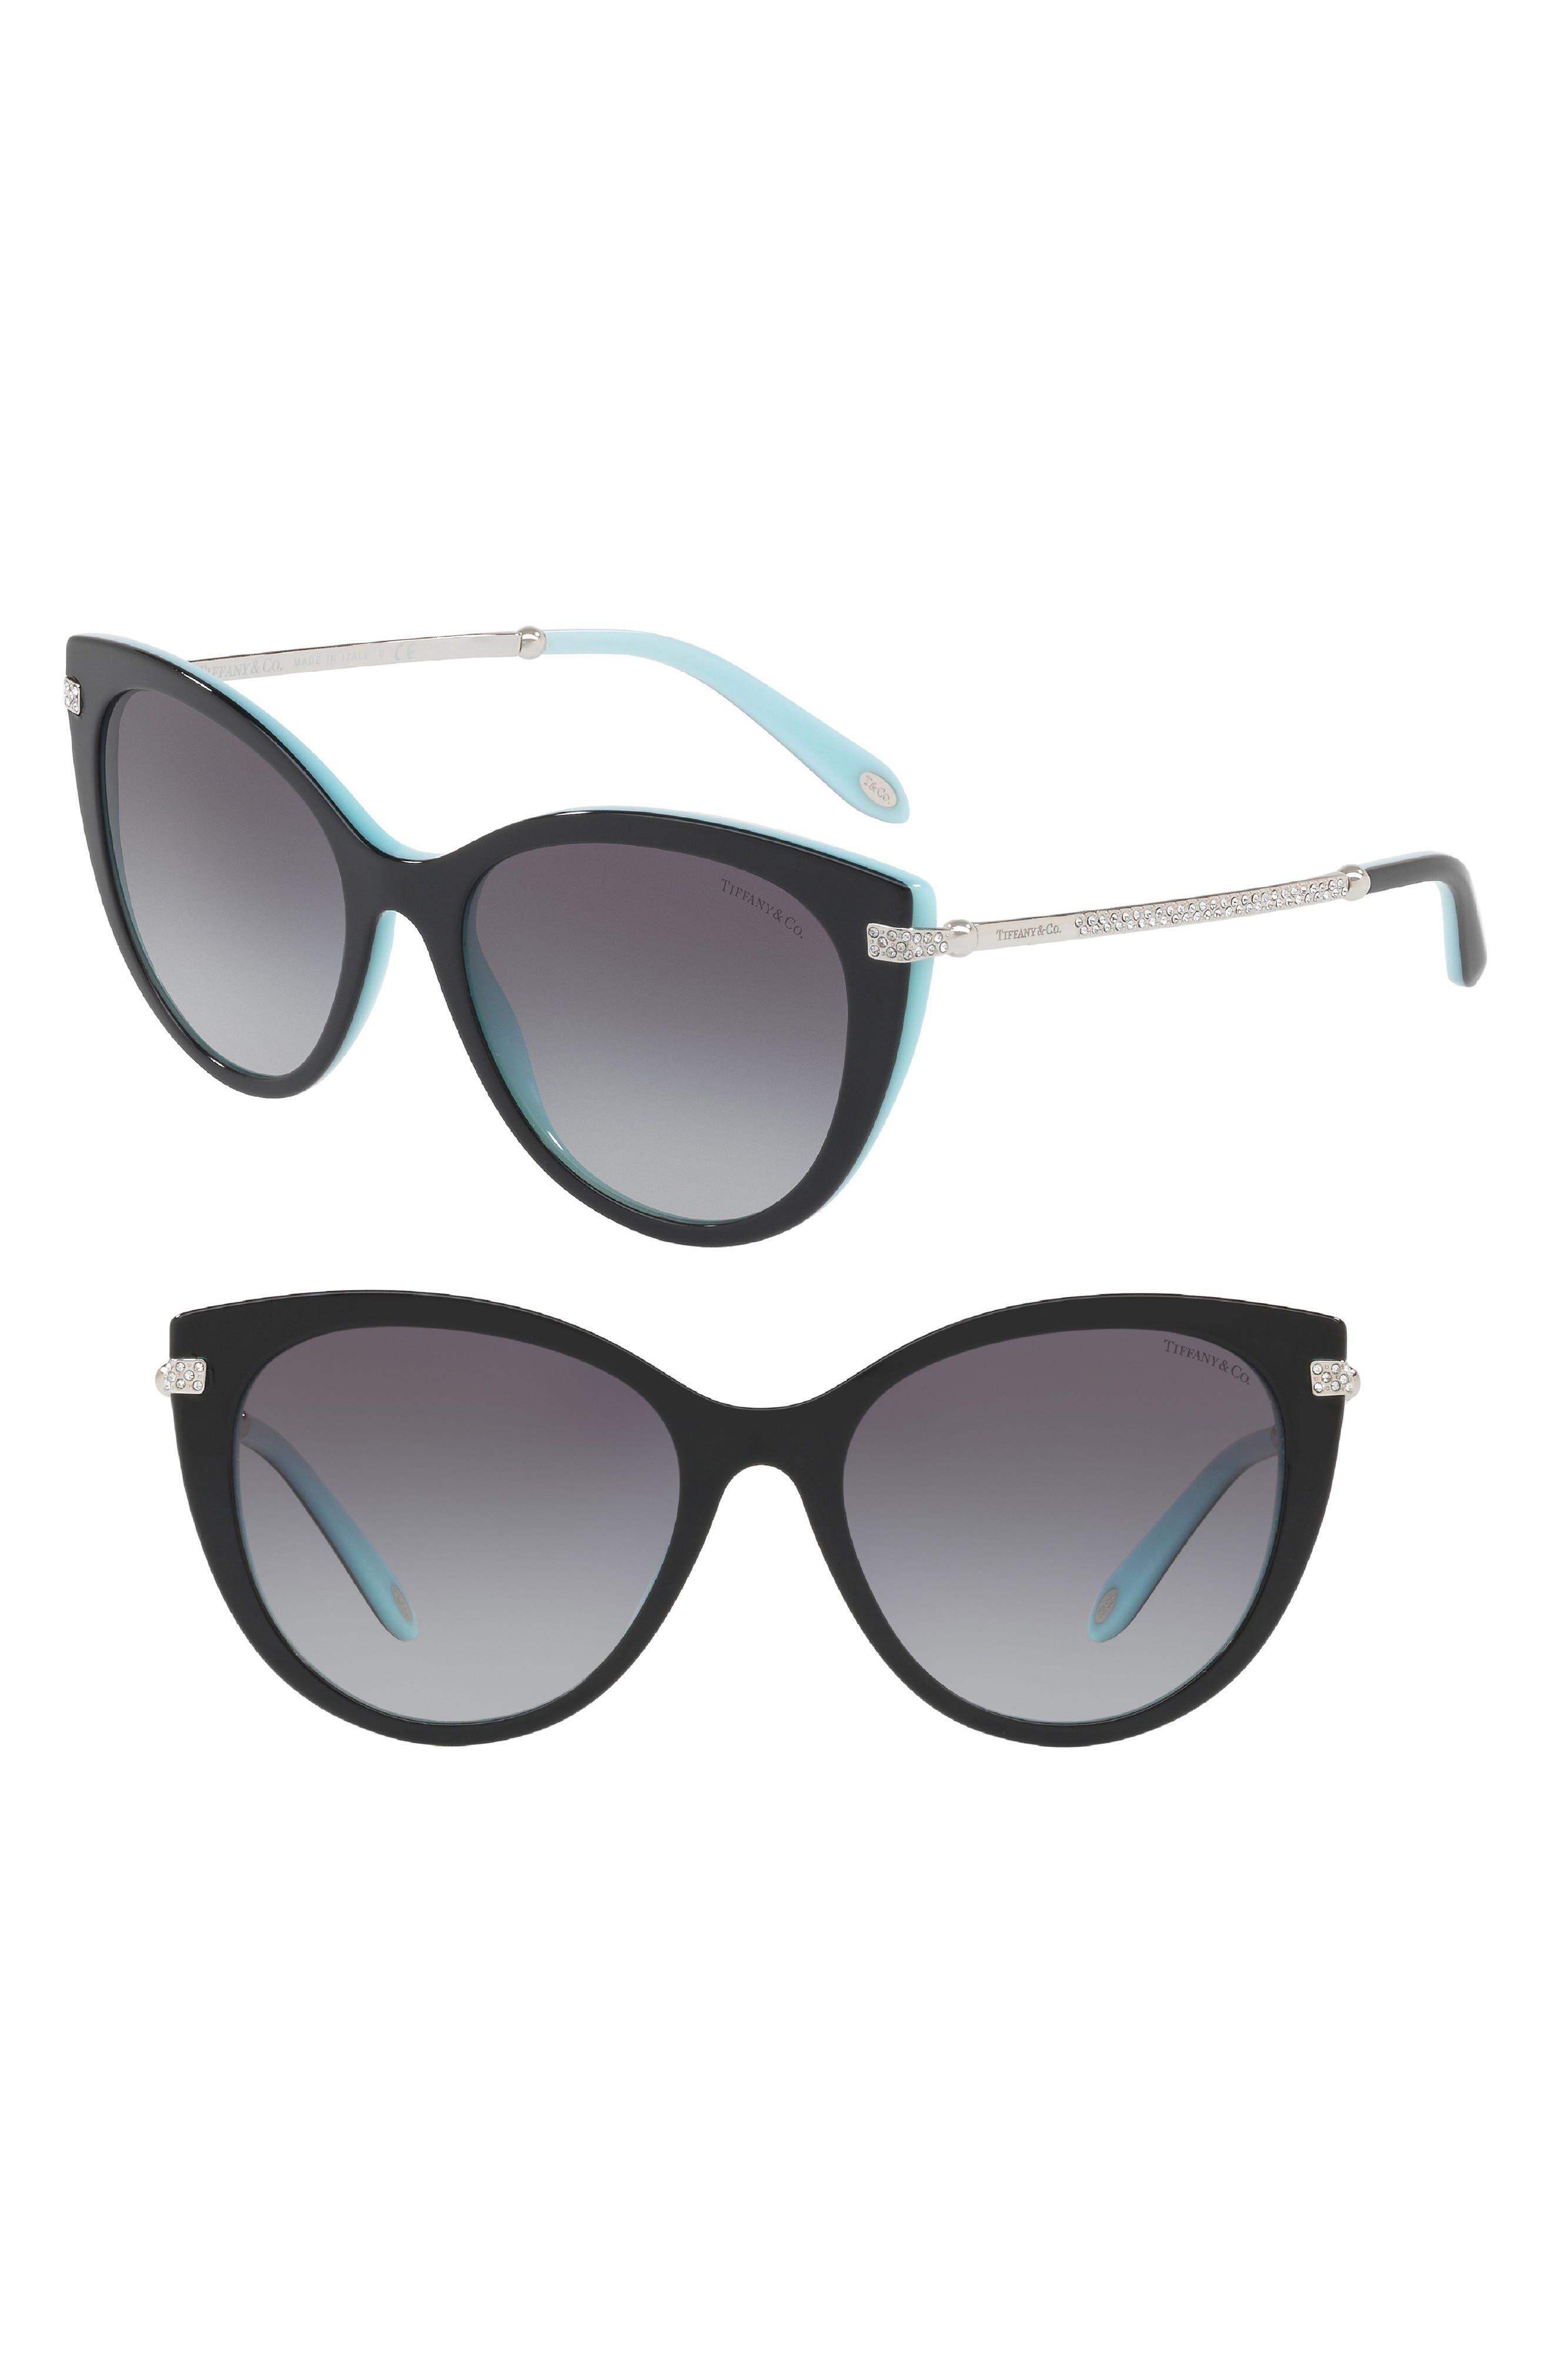 55mm Gradient Cat Eye Sunglasses,                         Main,                         color, Black/ Blue Gradient